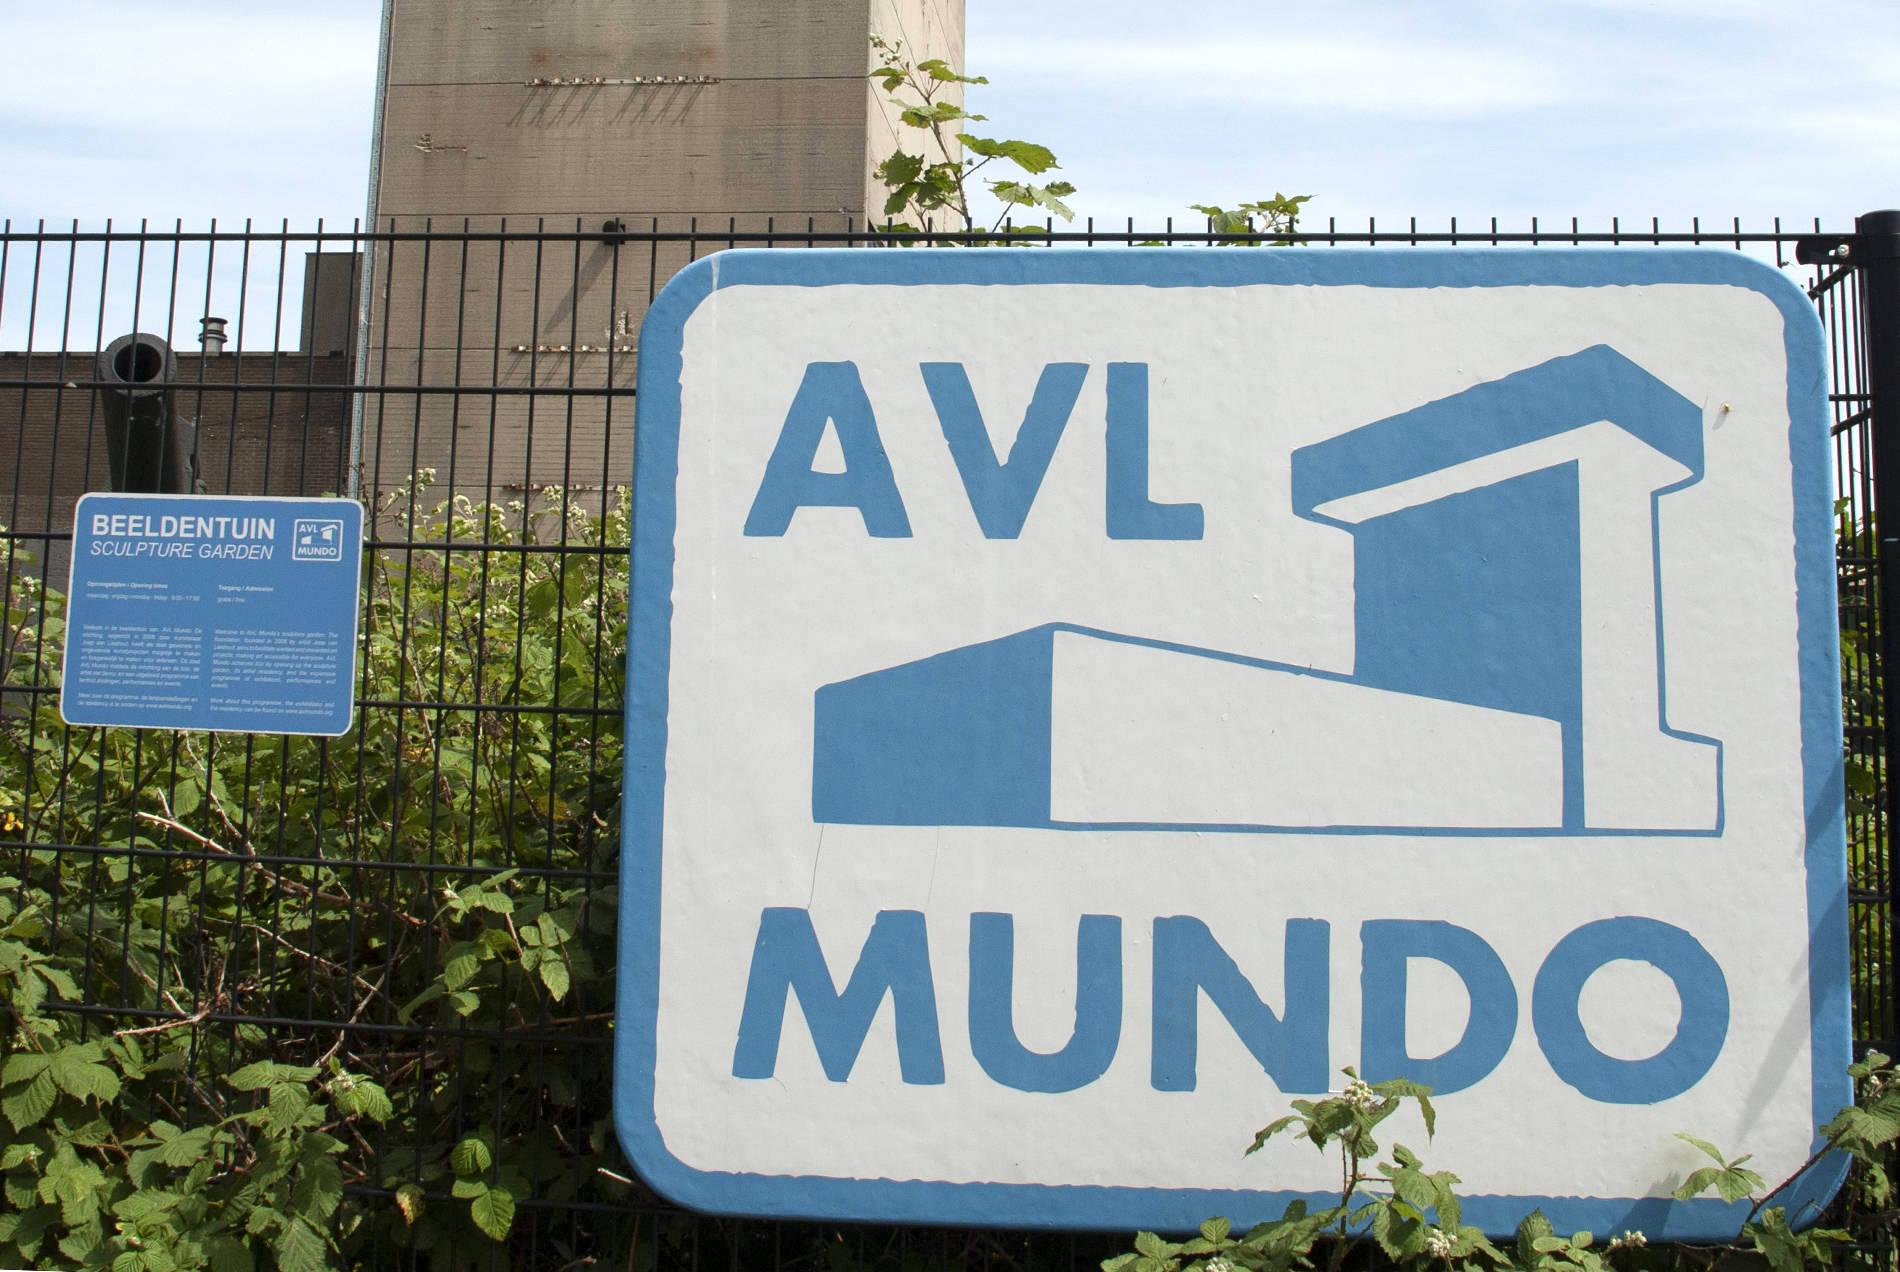 """AVL Mundo / Atelier Van Lieshout. Selbstbewusst nennt Joep Van Lieshout seine Werkstatt """"AVL Mundo"""" - zu Recht: betritt man sein Ateliergelände, hat man wahrlich den Eindruck, in eine andere, ganz eigene Welt einzutauchen."""